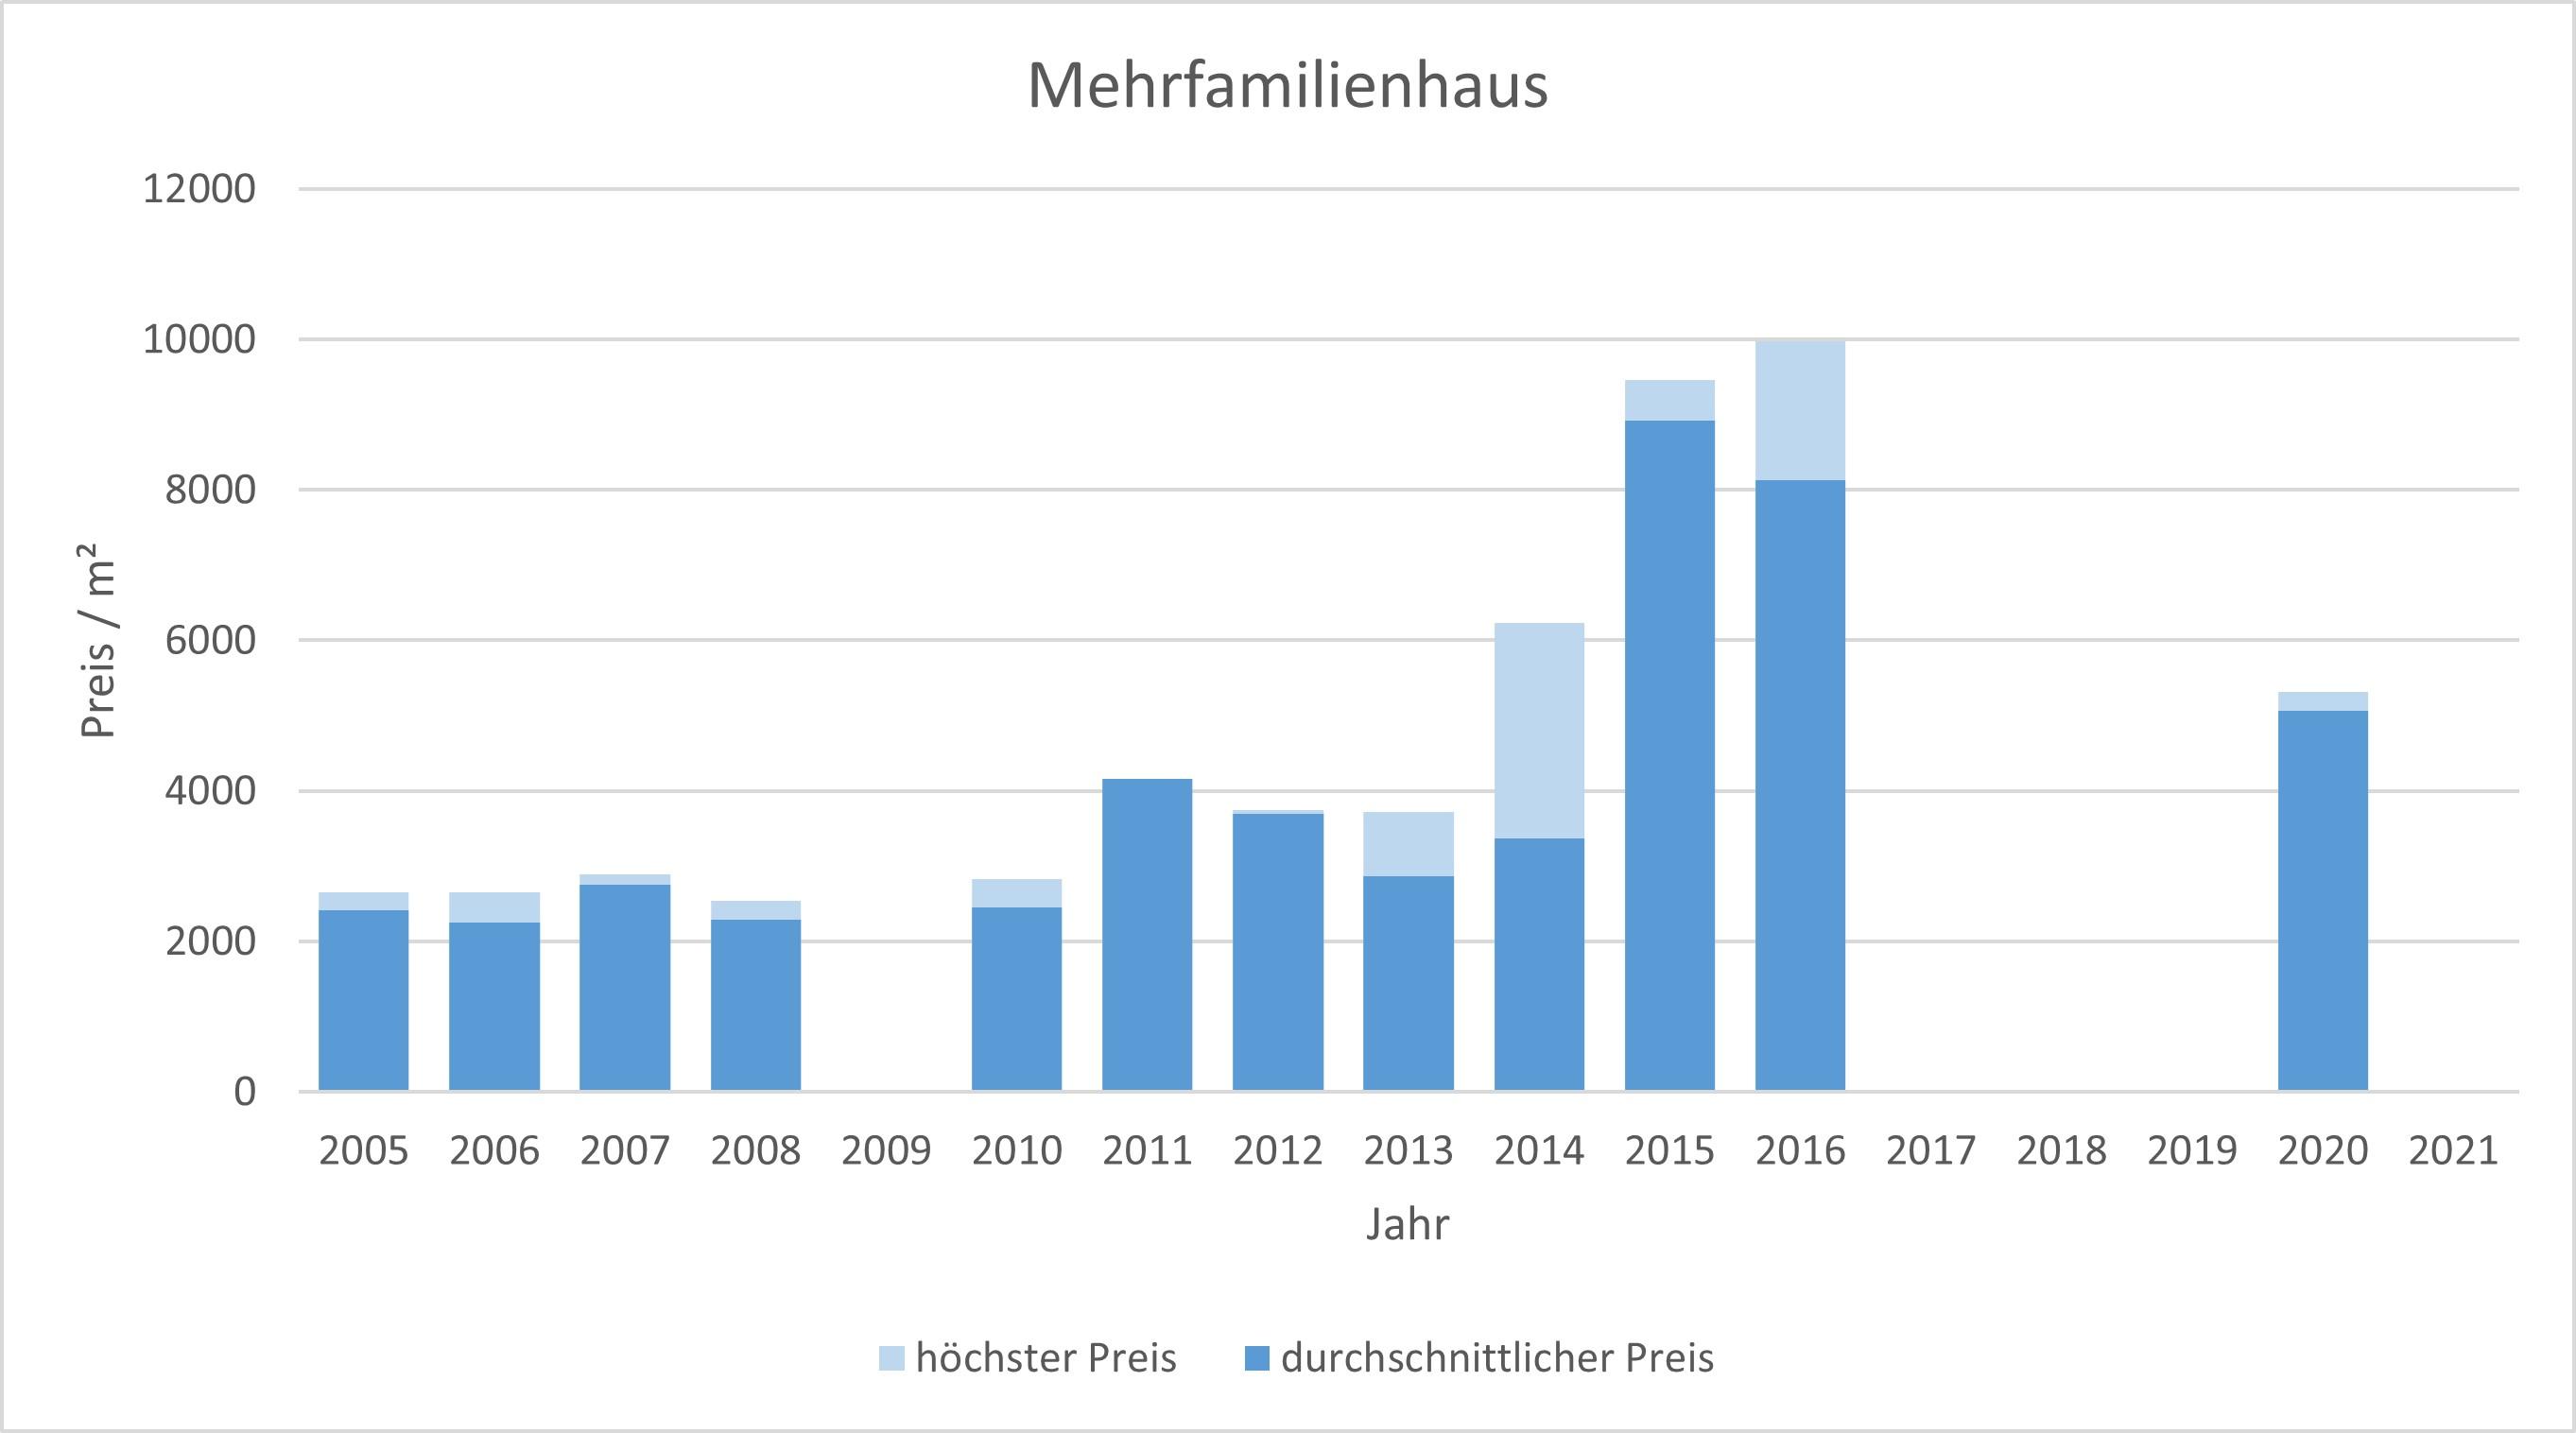 Feldafing Mehrfamilienhaus kaufen verkaufen Preis Bewertung Makler 2019 2020 2021  www.happy-immo.de